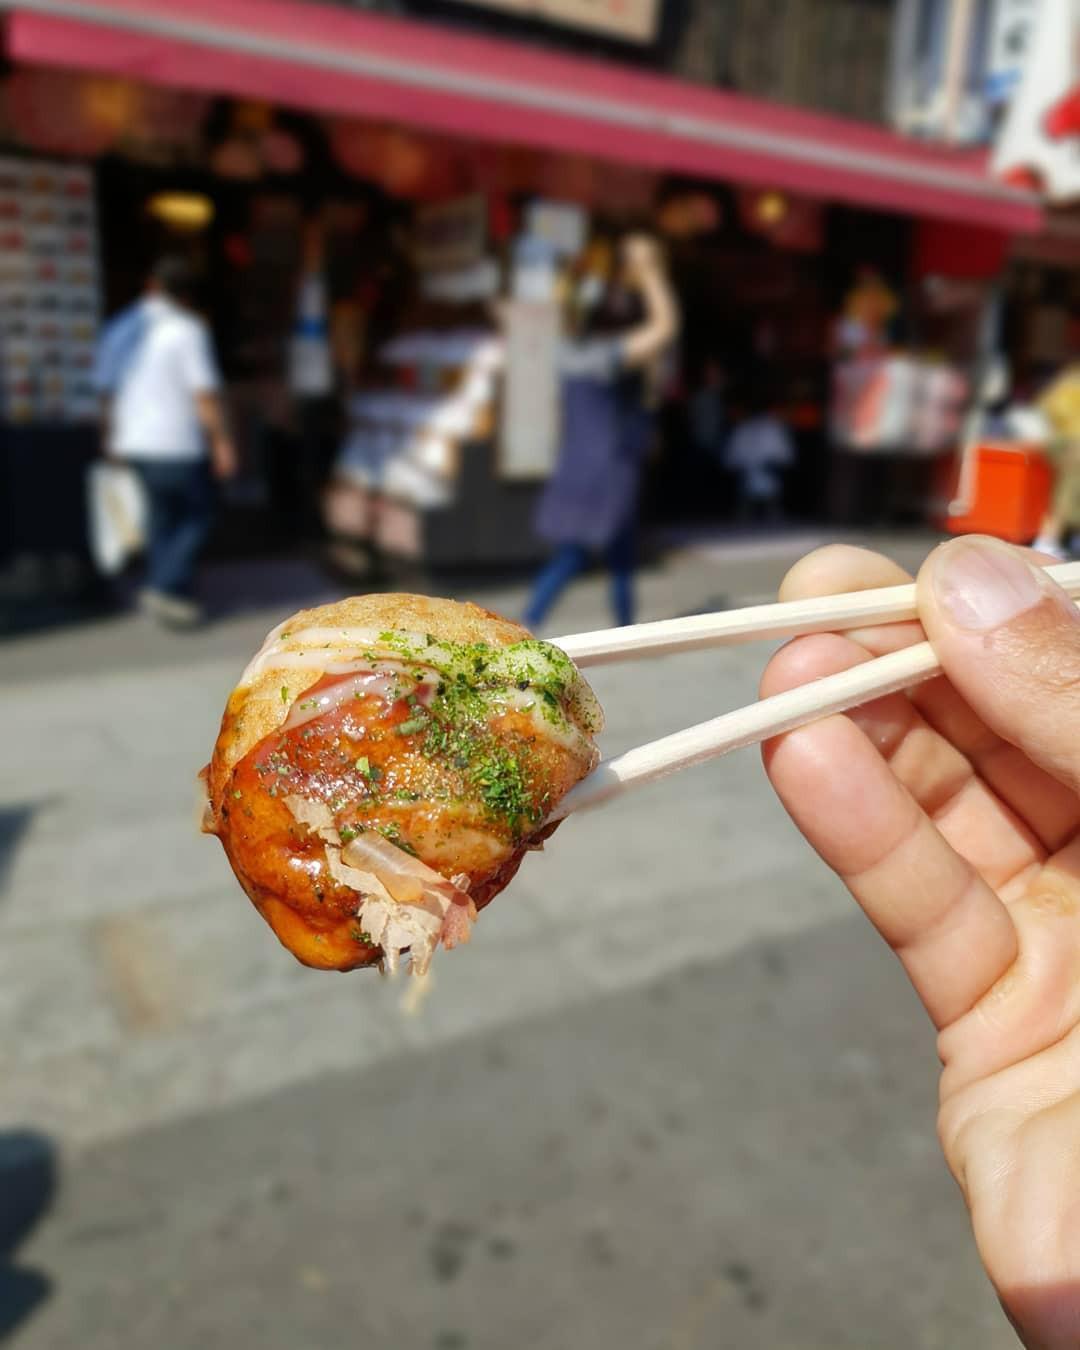 Khám phá ẩm thực đường phố Nhật Bản với những món ăn vặt nức tiếng không thể bỏ qua - Ảnh 18.